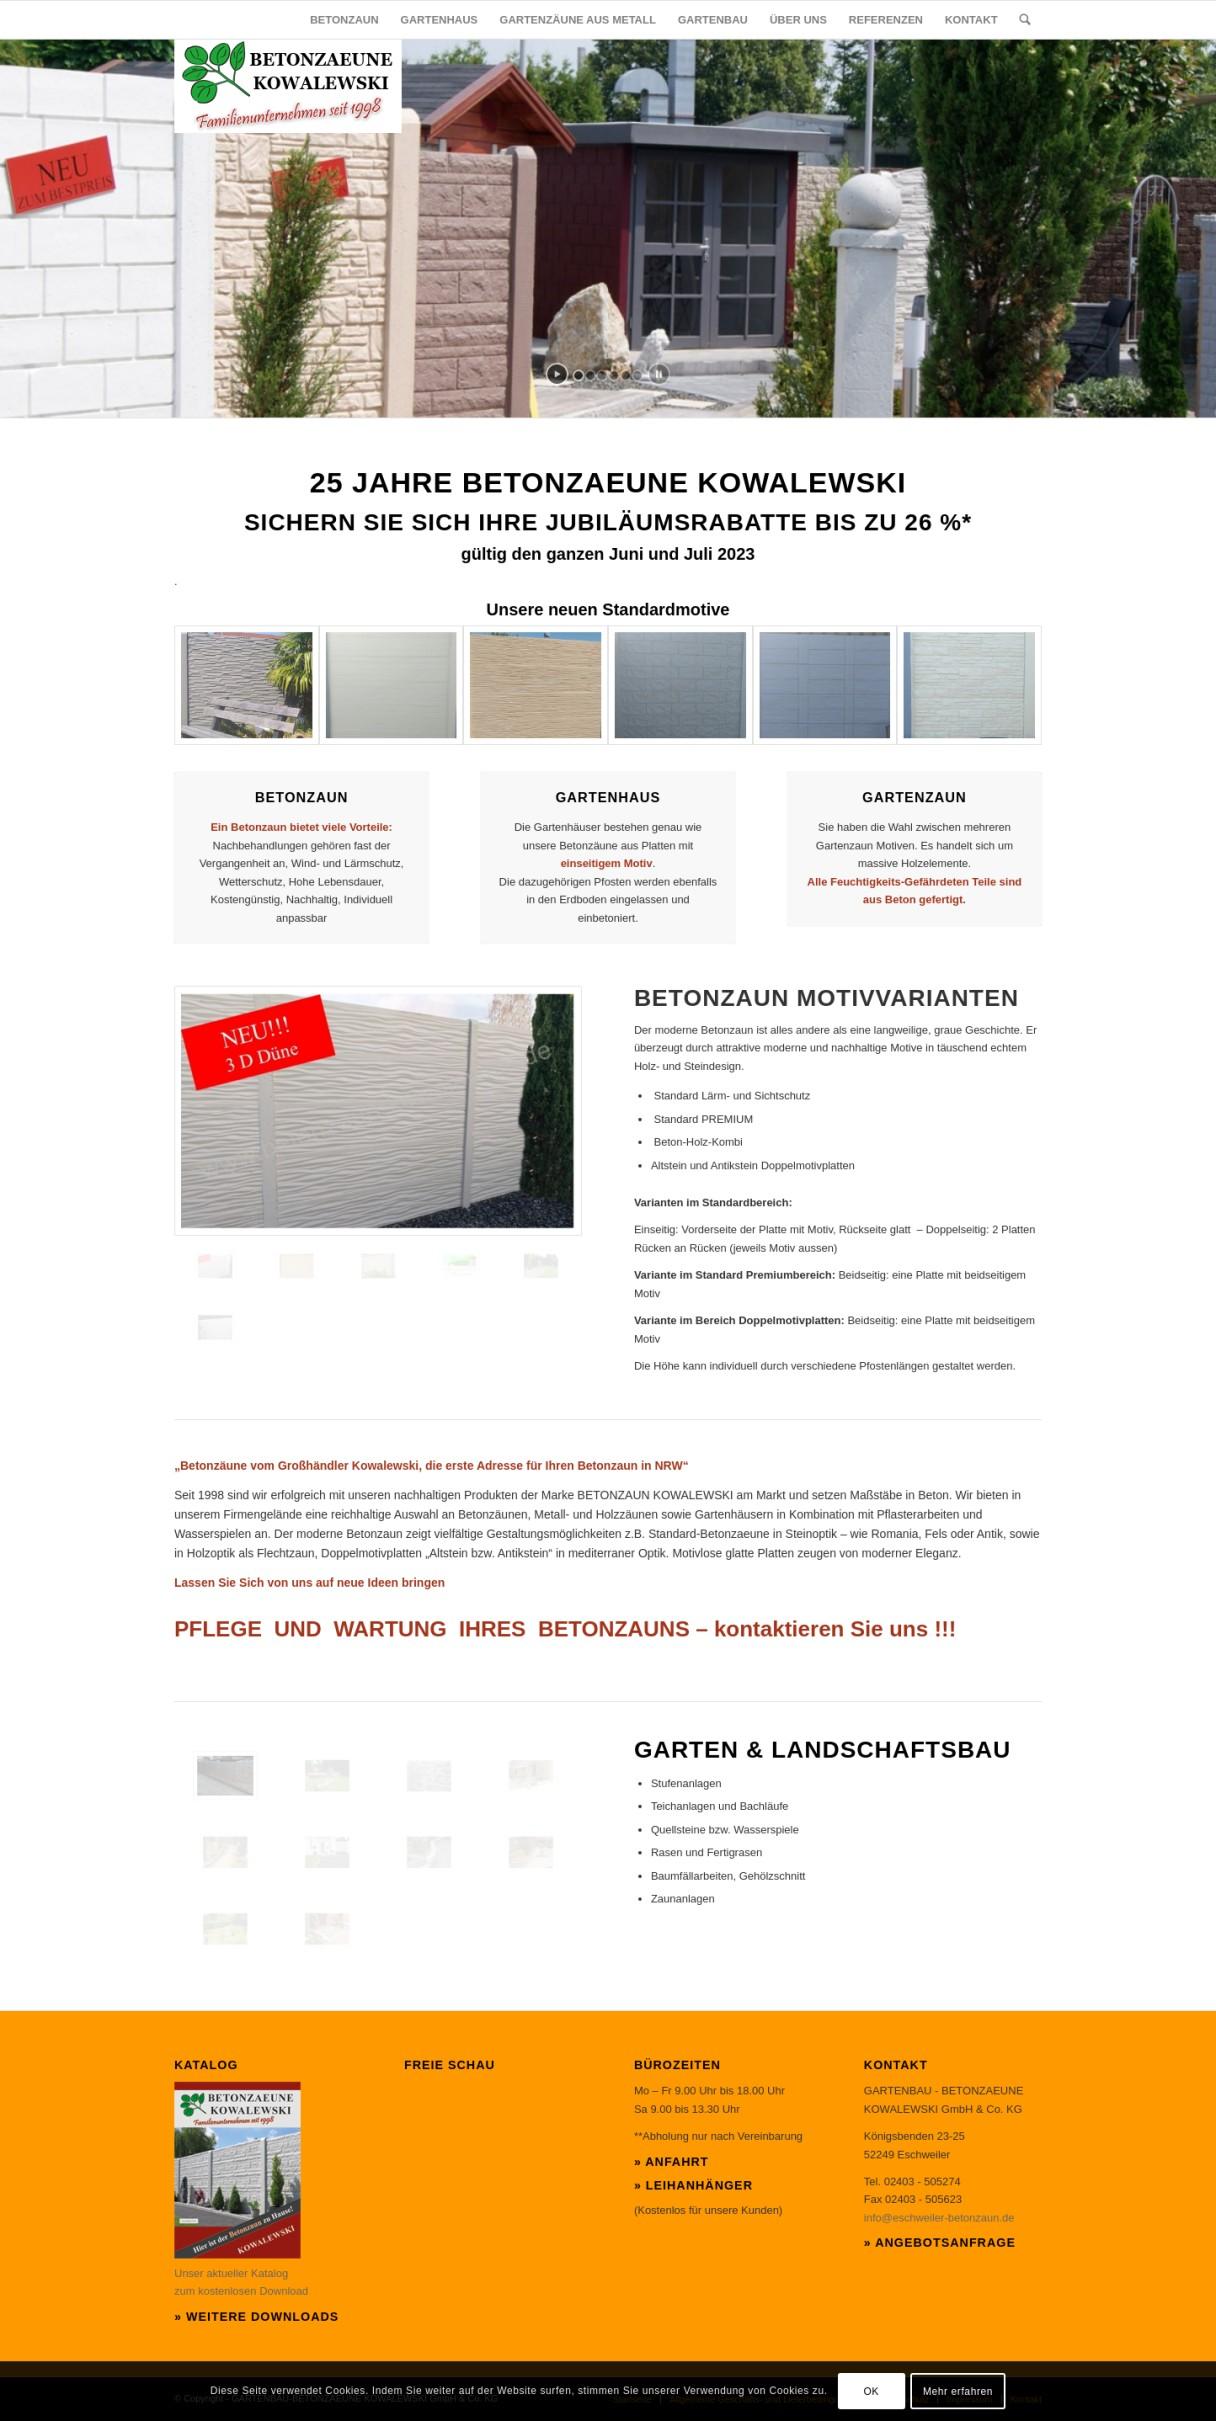 GARTENBAU-BETONZAEUNE KOWALEWSKI GmbH & Co. KG